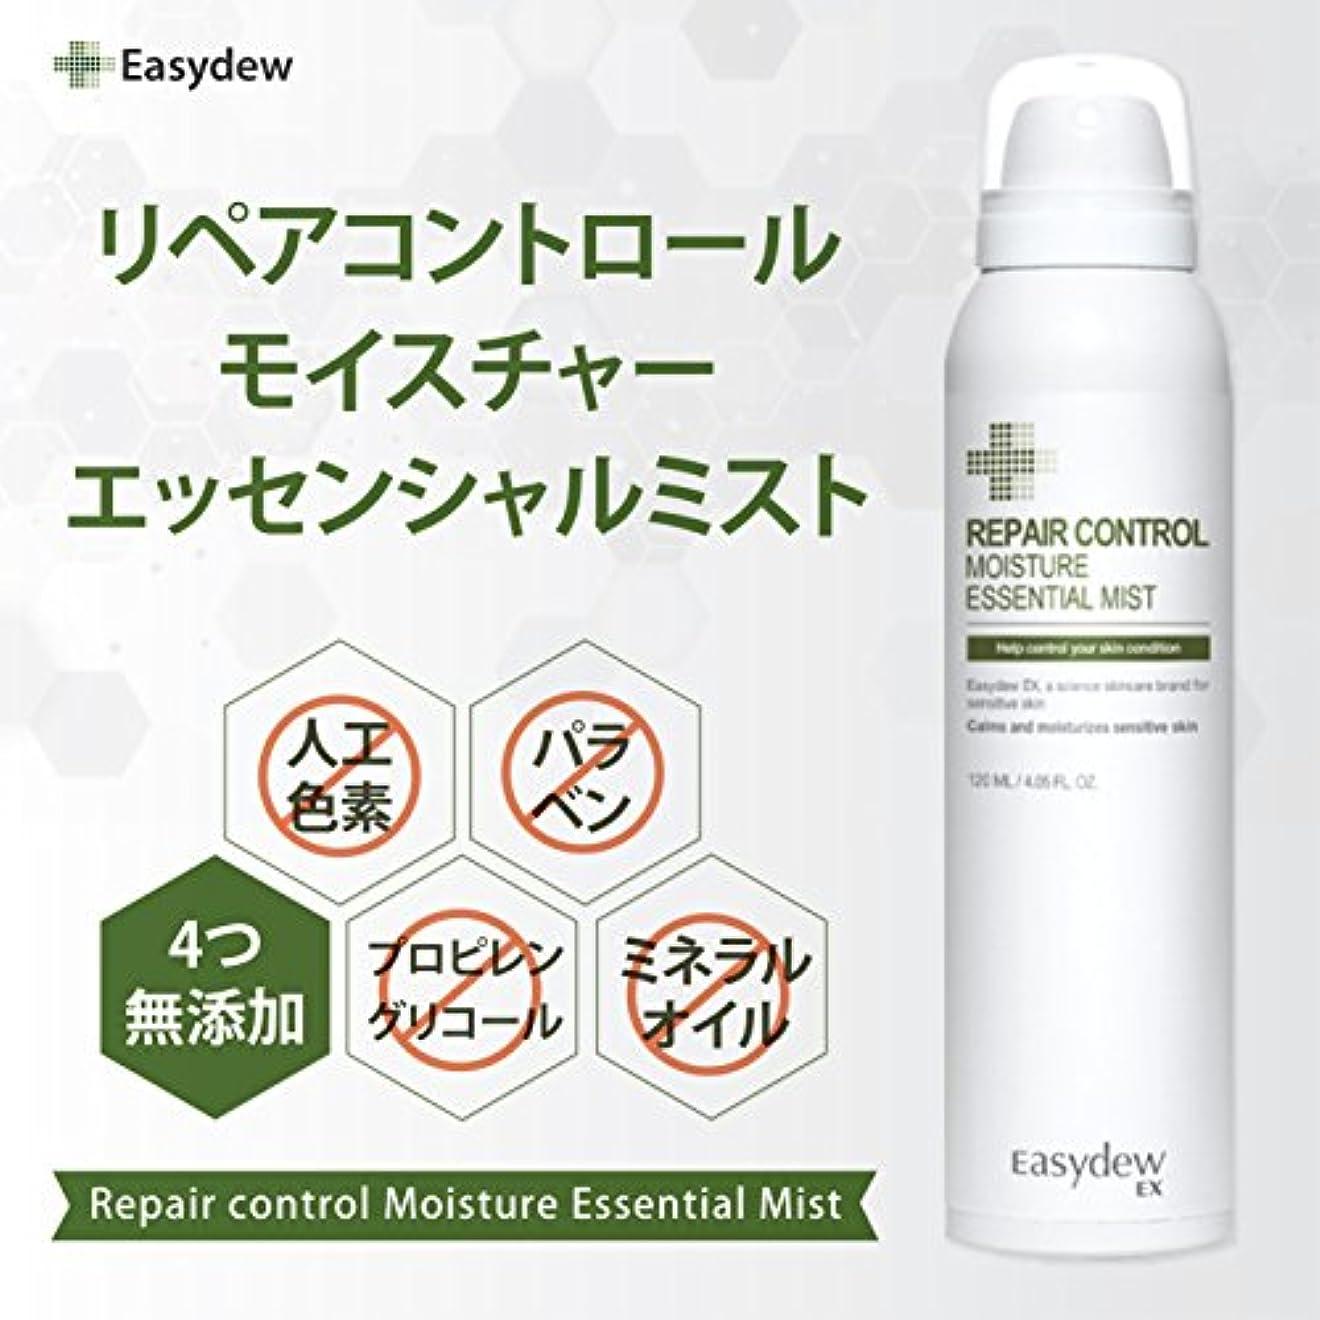 音声学論争の的下るEASYDEW EX リペア コントロール モイスチャー エッセンシャル ミスト Repair Control Moisture Essential Mist 120ml